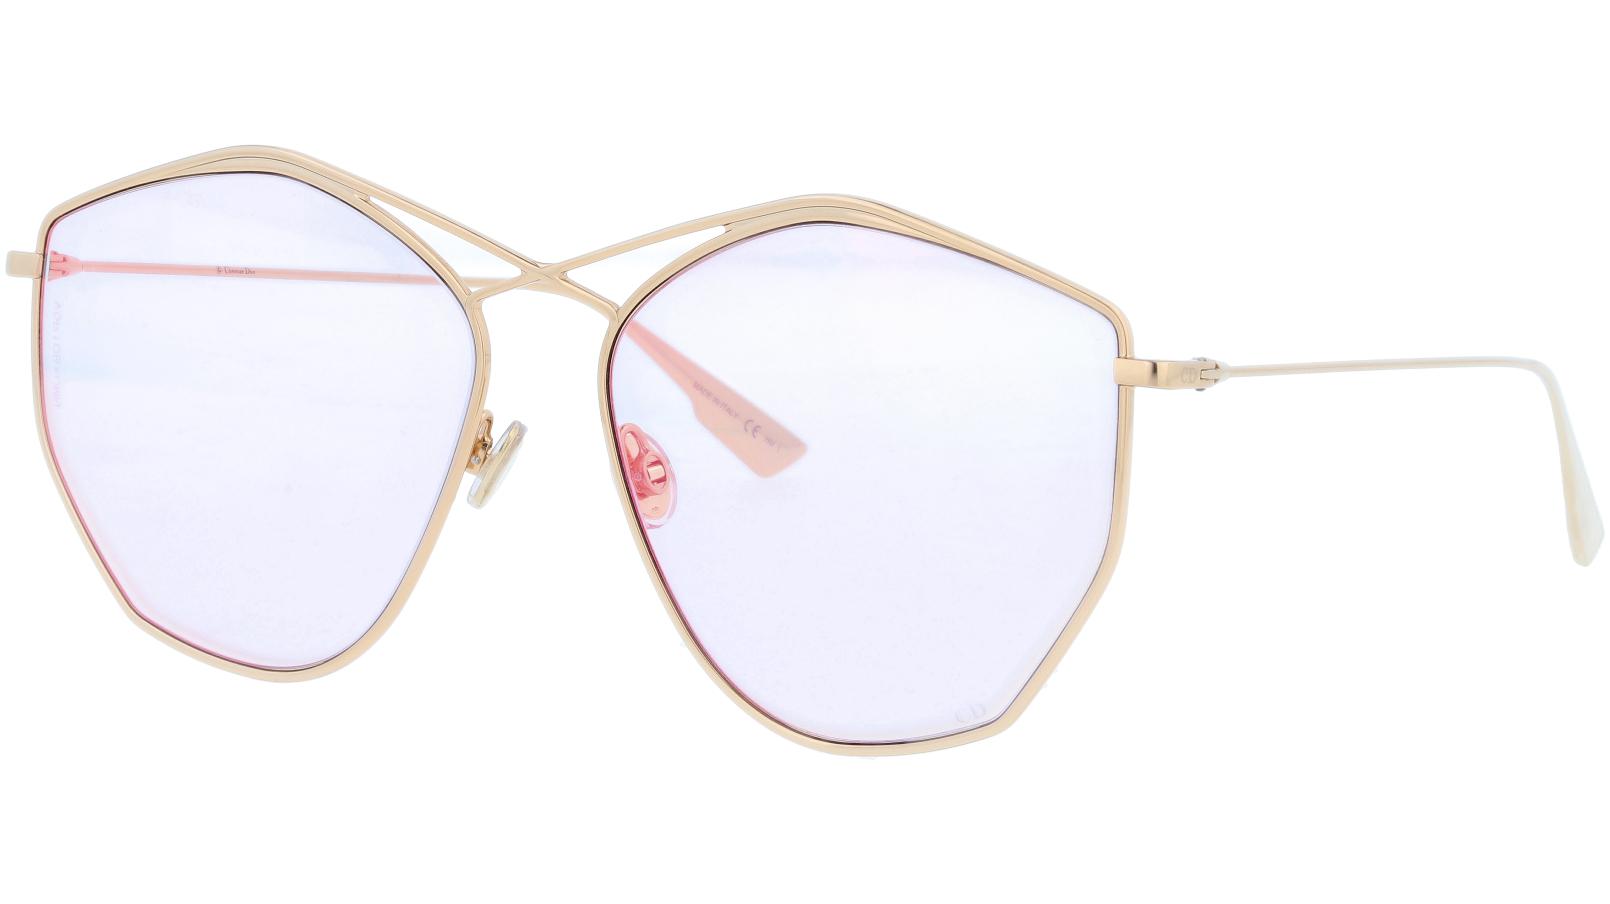 Dior Stellaire4 J5GW7 59 Gold Sunglasses